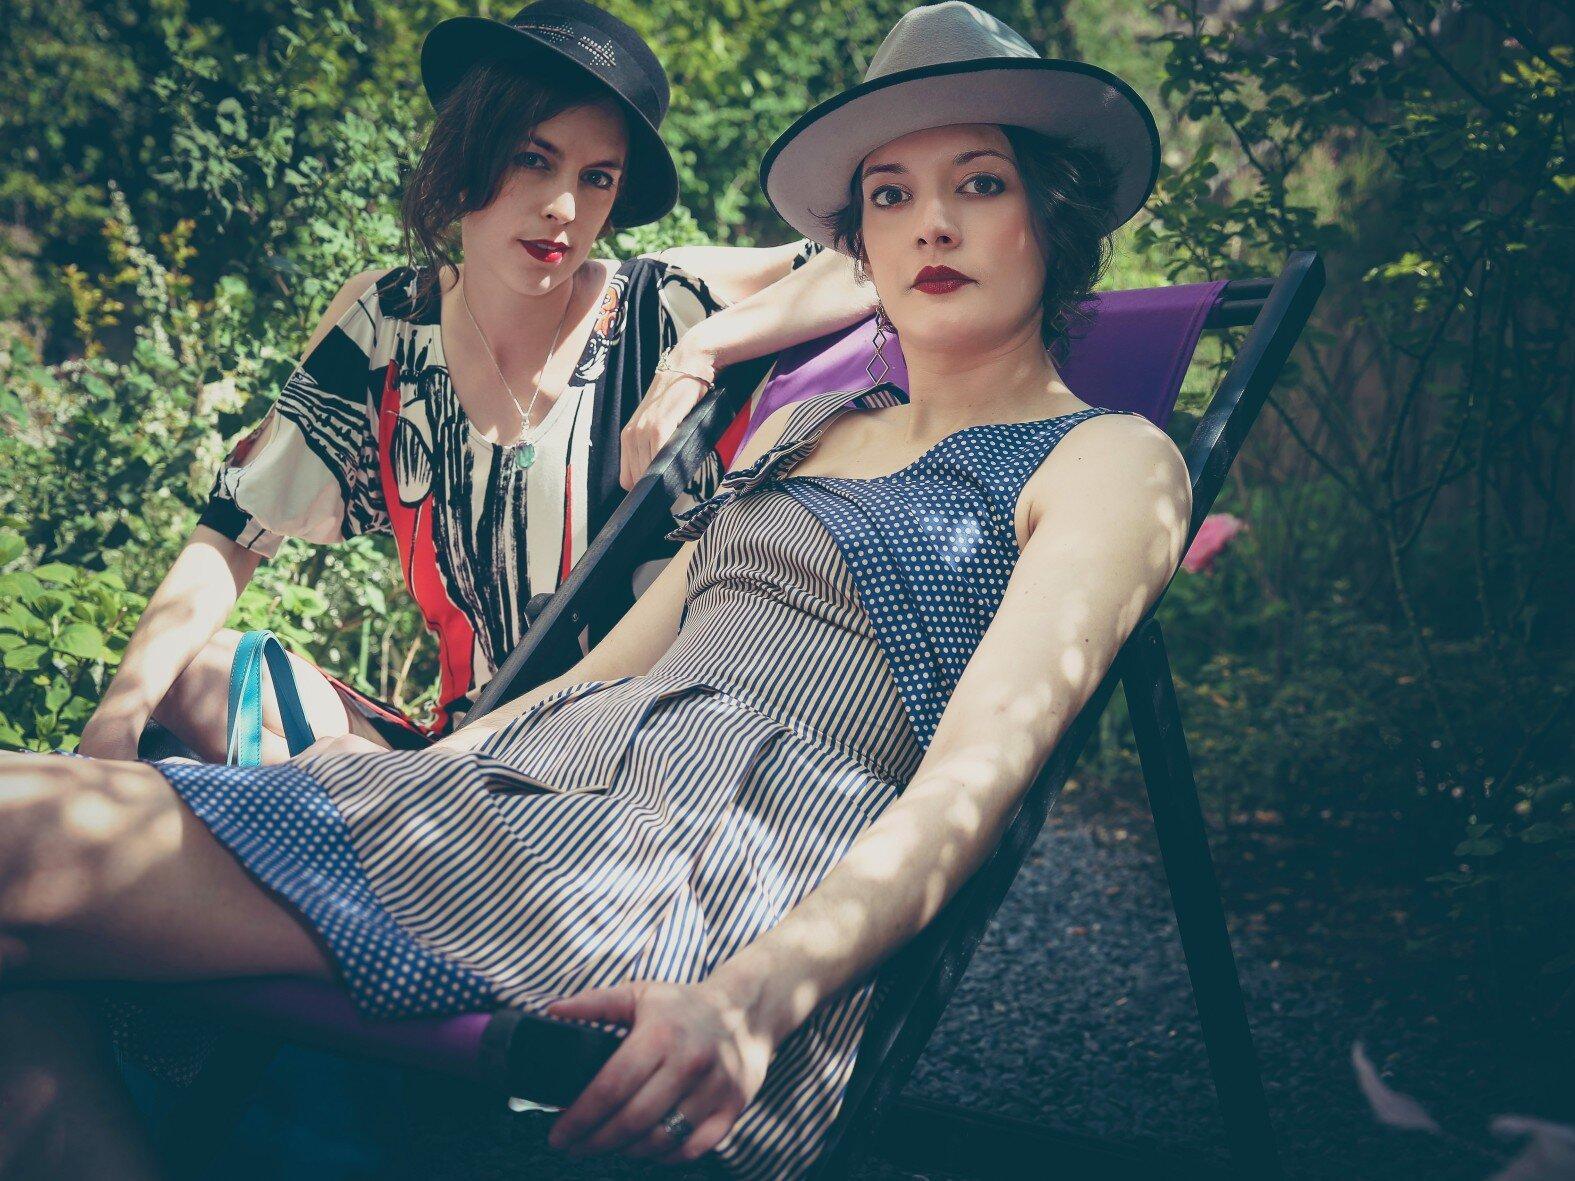 Kilin est Nurbelle par Helena Alexandrova et Eric Allouche pour Le Studio 14